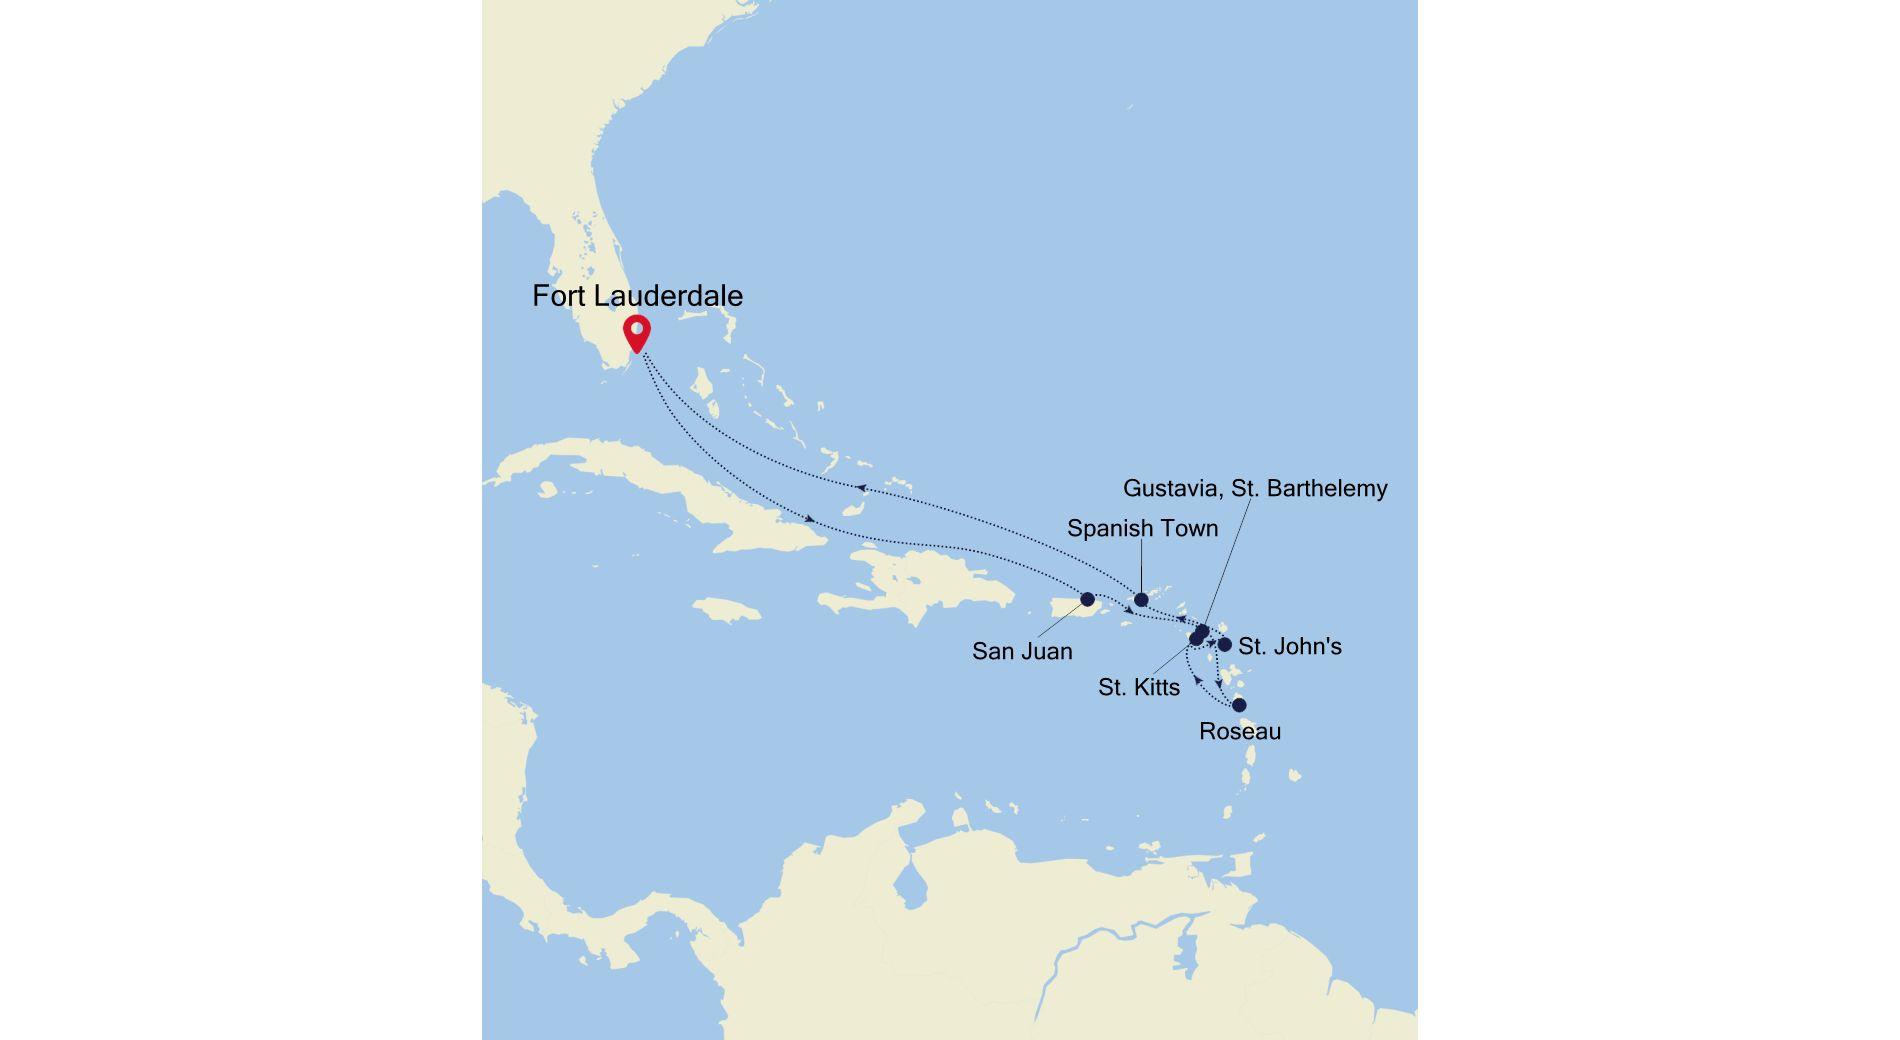 SL220114011 - Fort Lauderdale à Fort Lauderdale